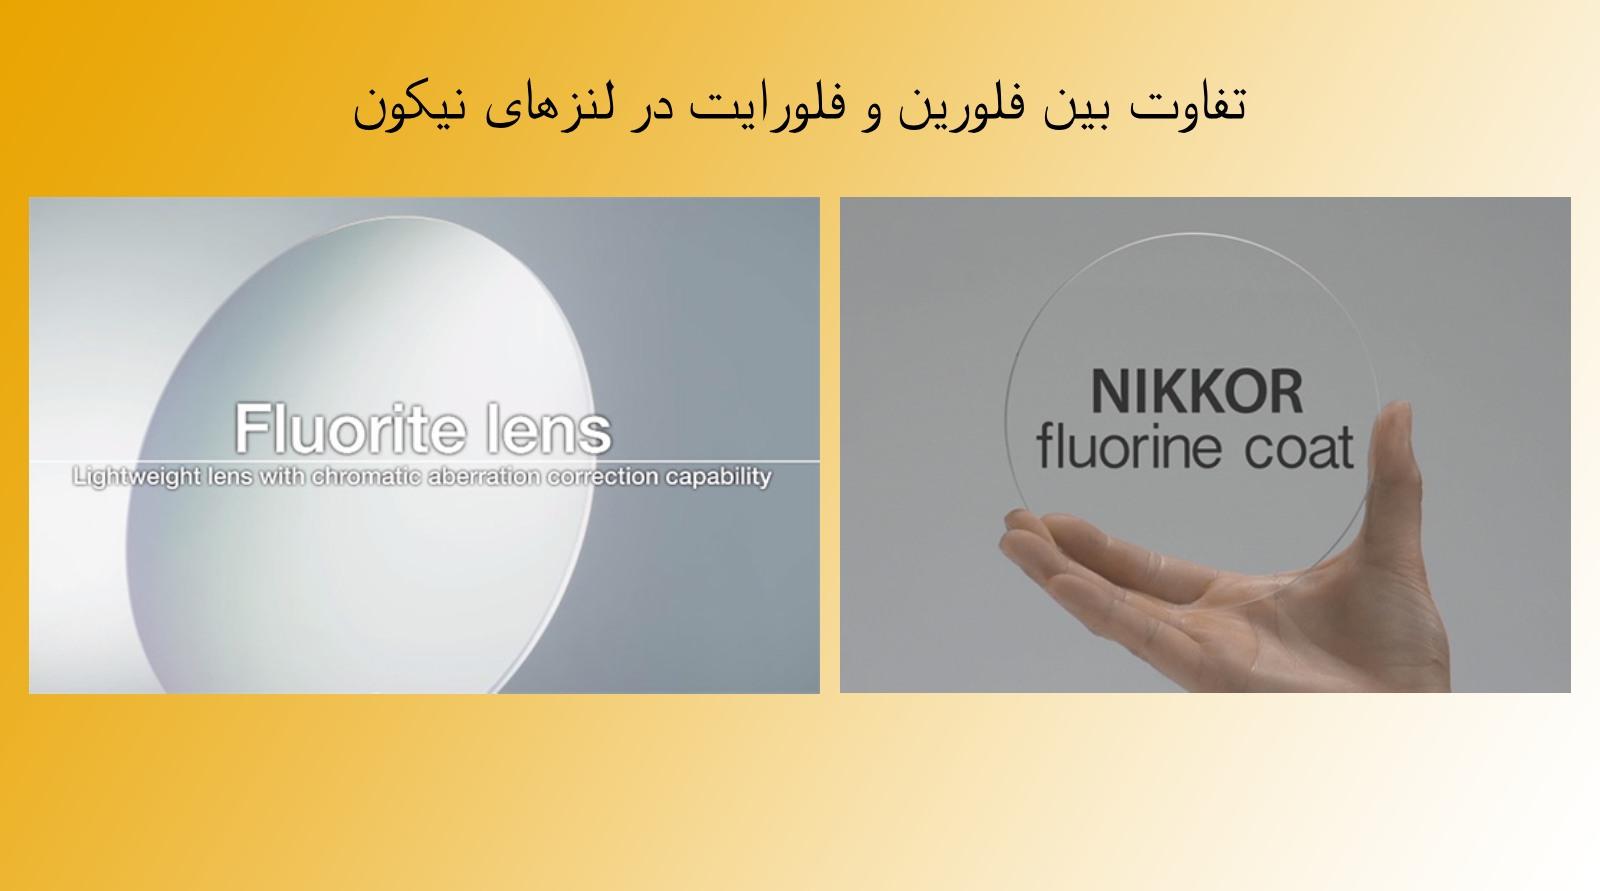 تکنولوژی لنزهای نیکون